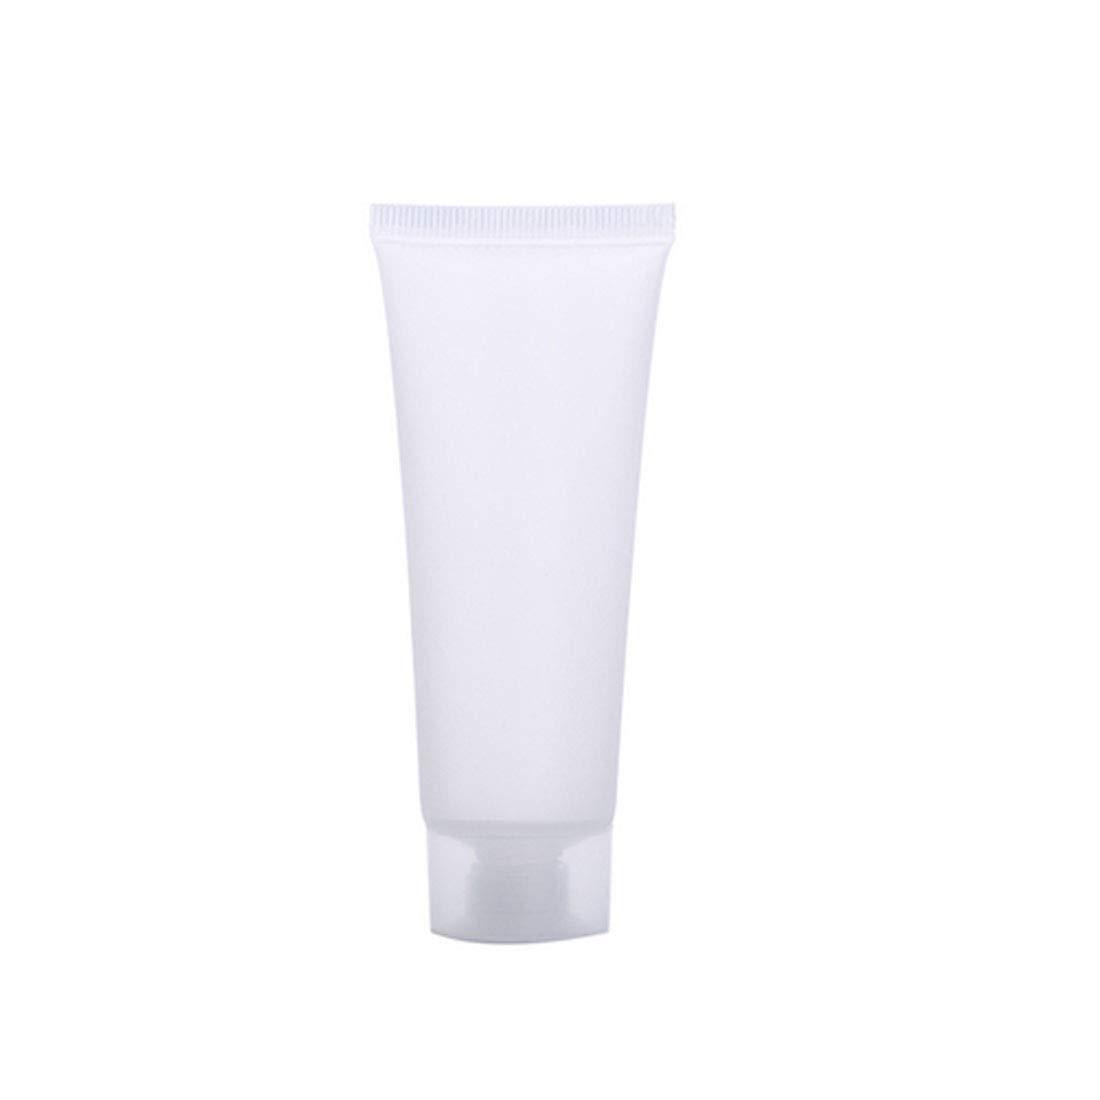 スキップ自分の慣性5本×10ml コンテナ化粧品 美容化粧道具 アクセサリー 空のチューブ リップグロス 口紅日焼け止め容器